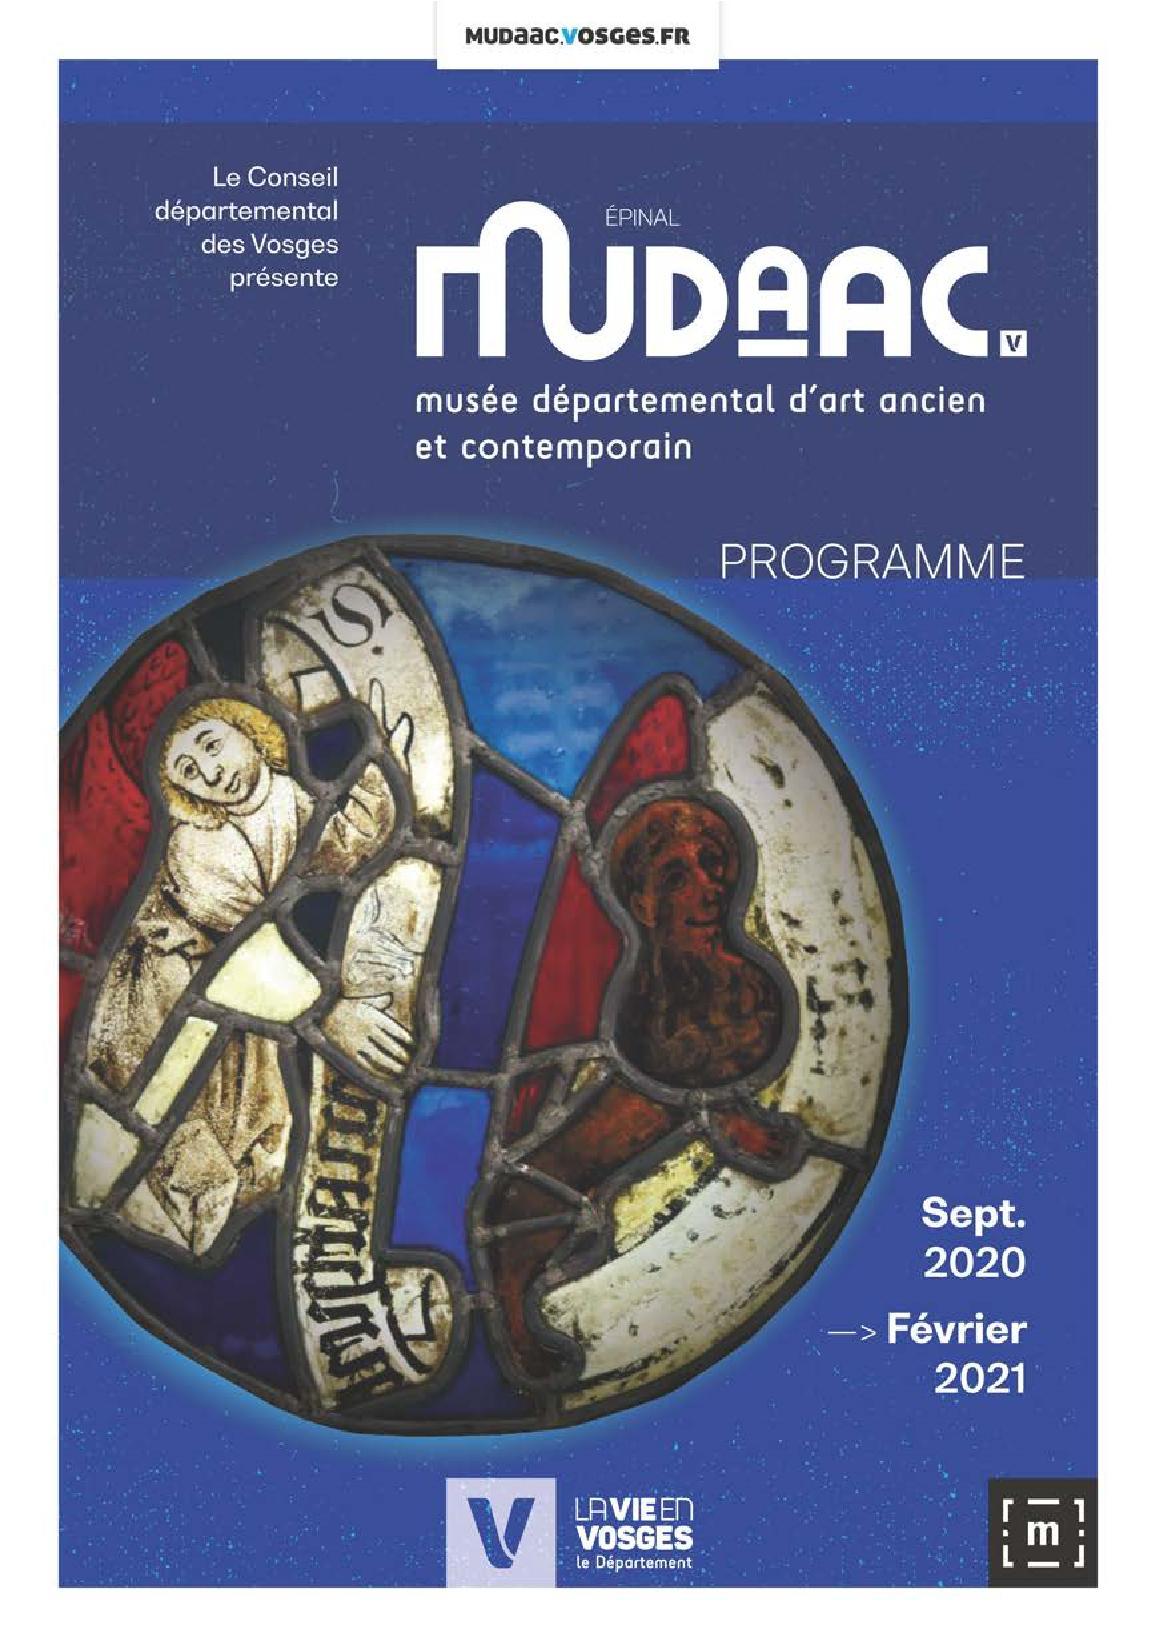 MUDAAC Musée Départemental d'Art Ancien & Contemporain 2020-2021 Epinal Vosges